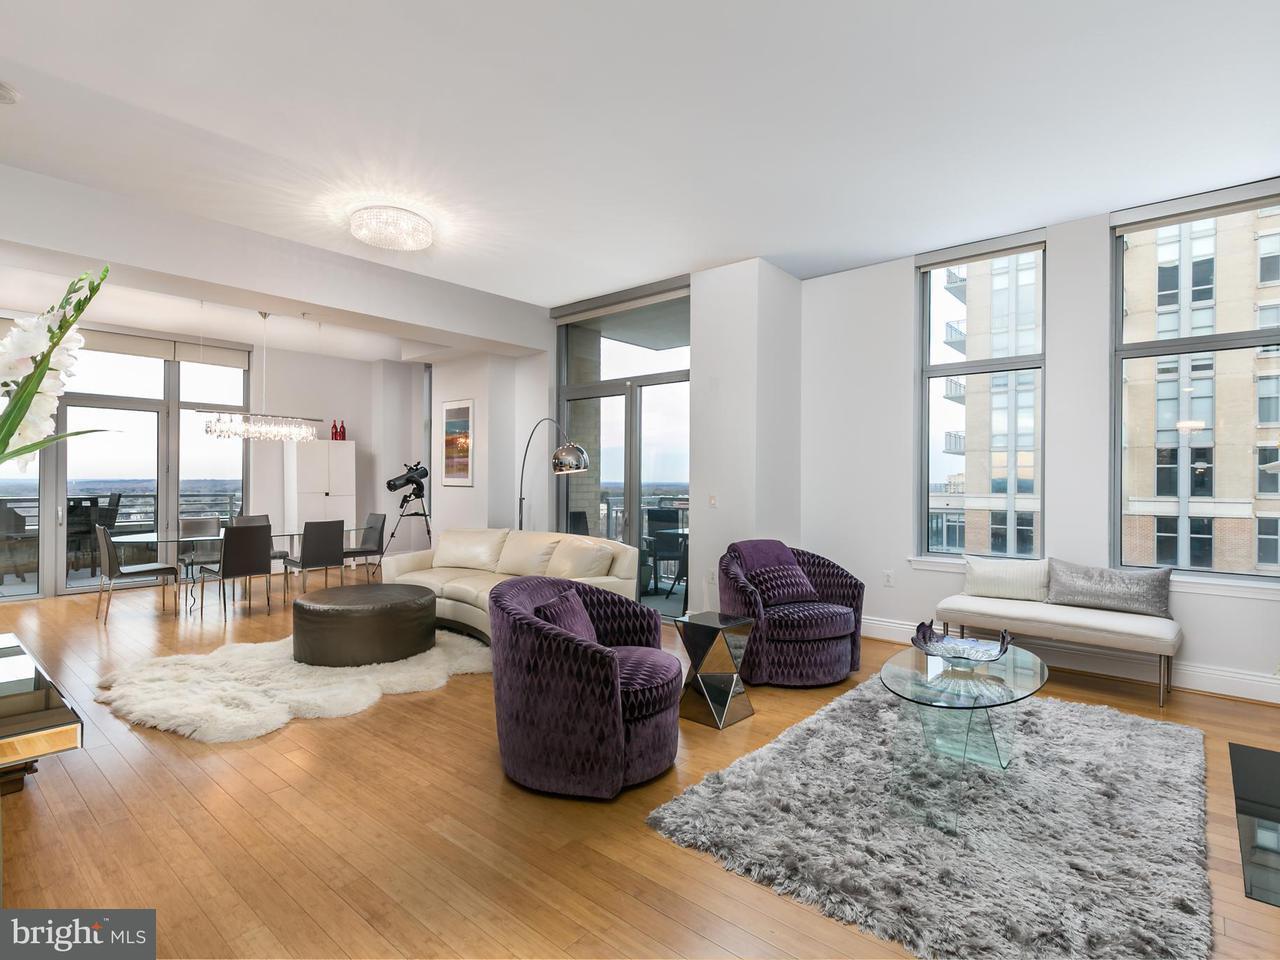 Condominium for Sale at 11990 Market St #1715 11990 Market St #1715 Reston, Virginia 20190 United States